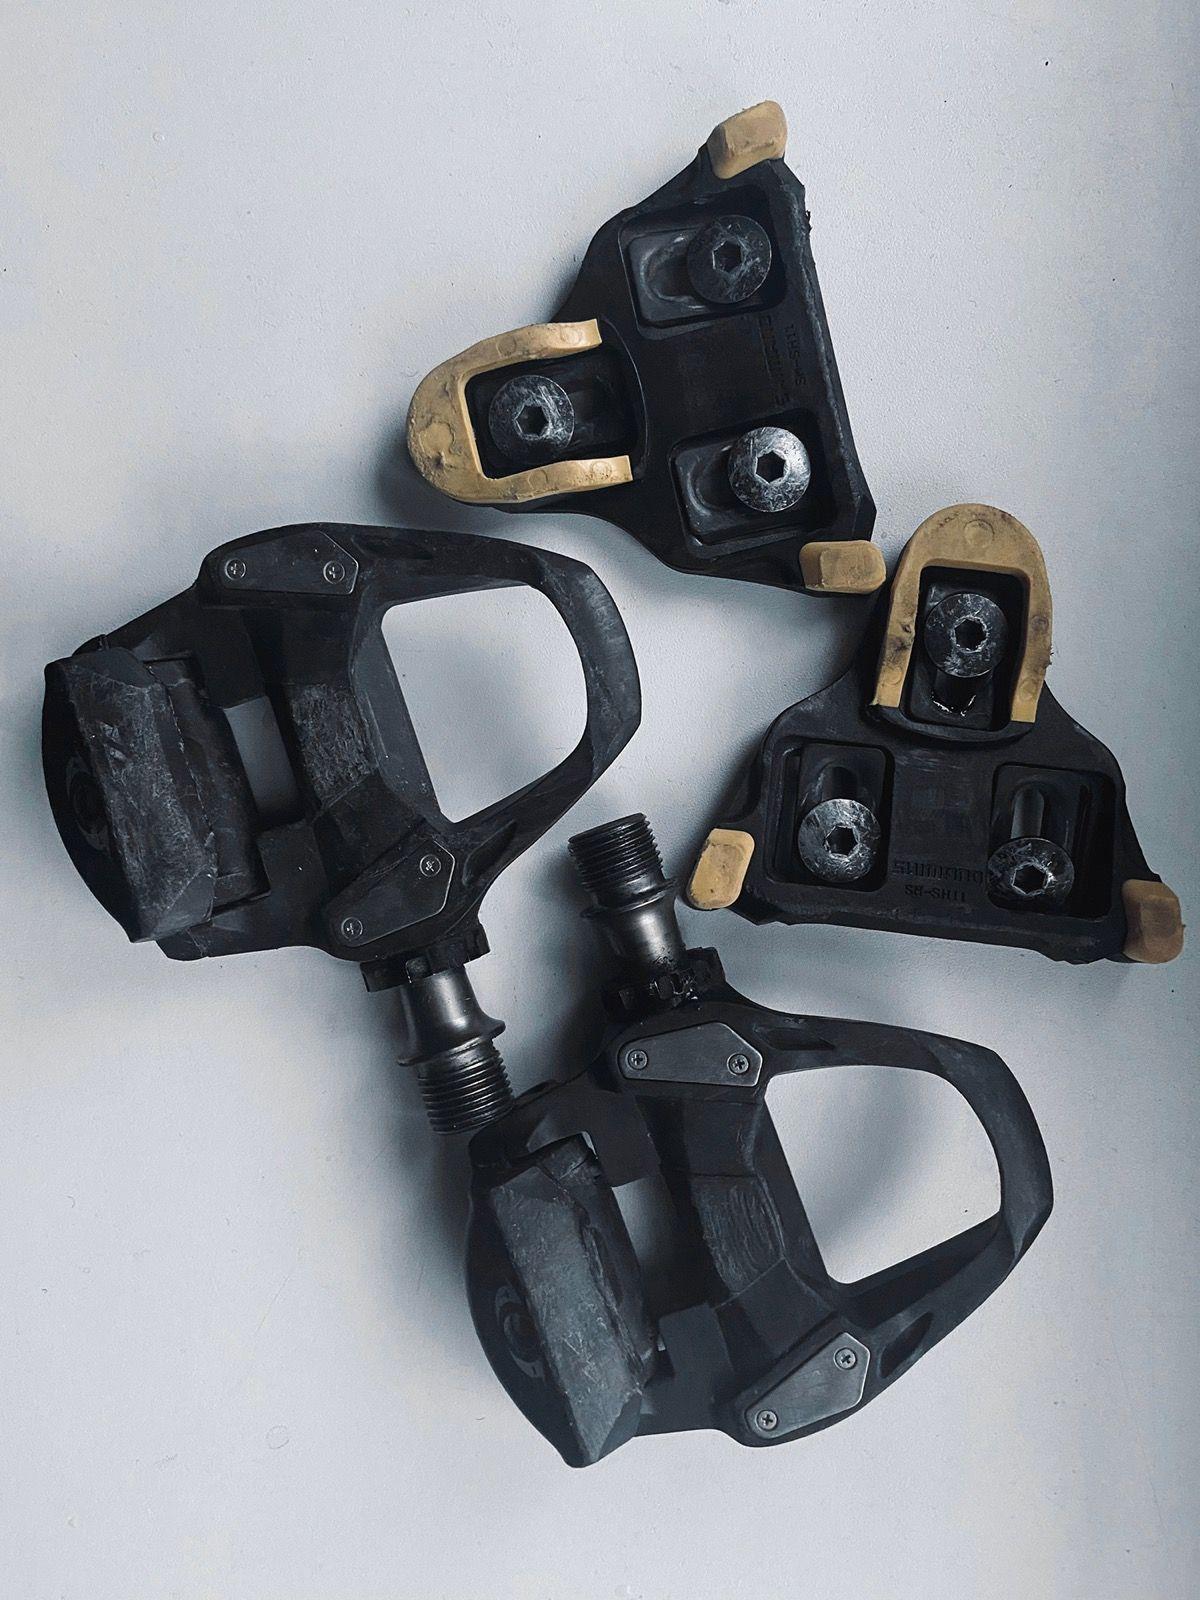 Педали Shimano PD-R7000, SPD-SL, карбон